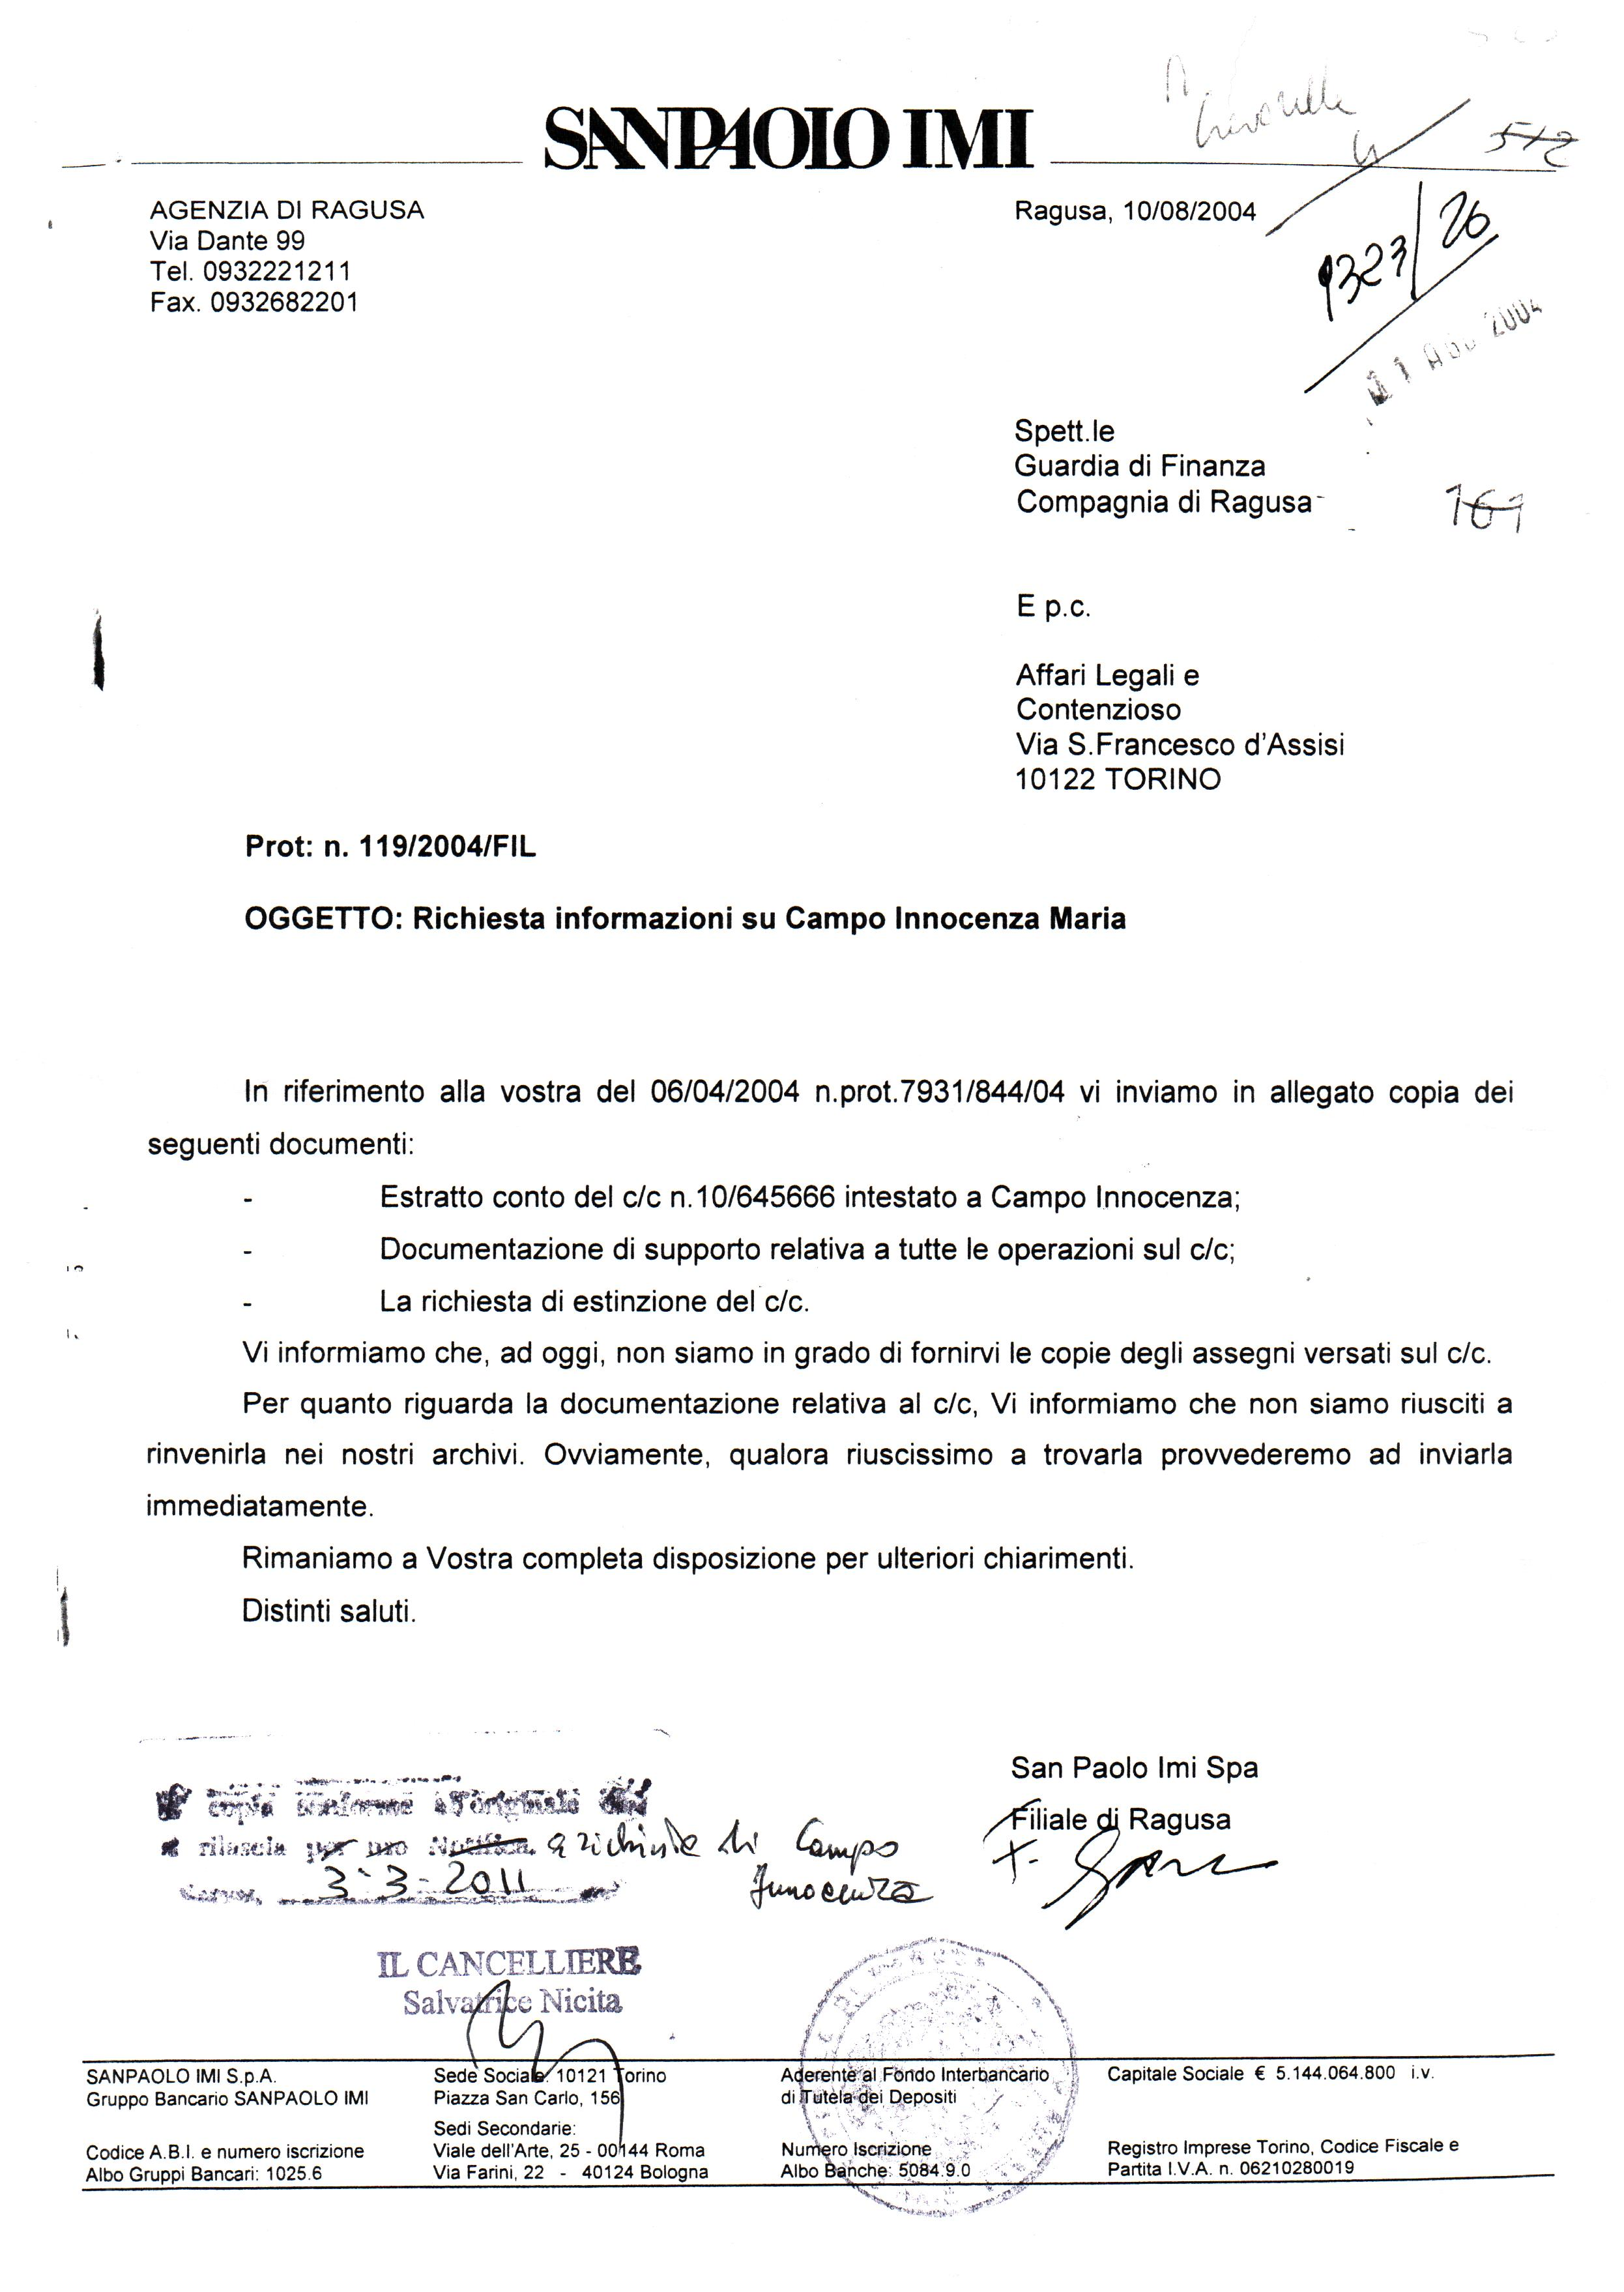 Forza nuova coordinamento ibleo un conto corrente for Unito lettere